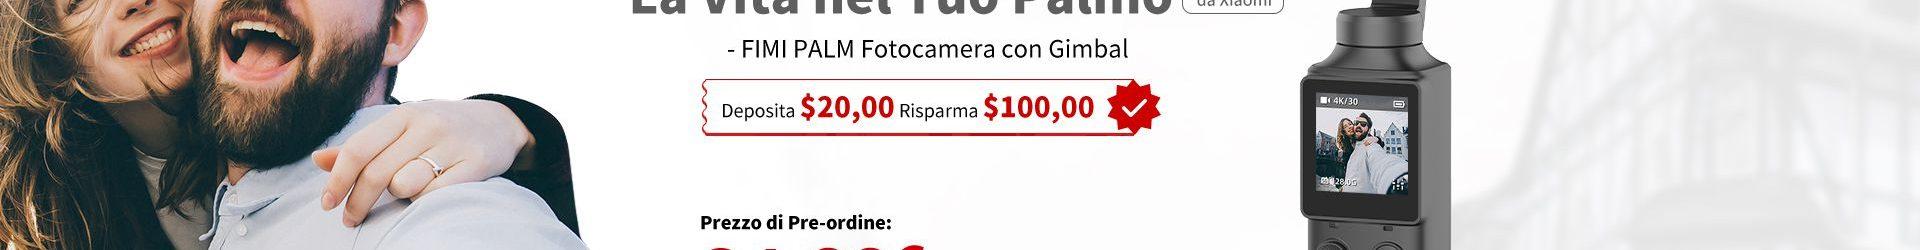 Xiaomi FIMI PALM: solo 91 euro per l'alternativa al DJI Osmo Pocket